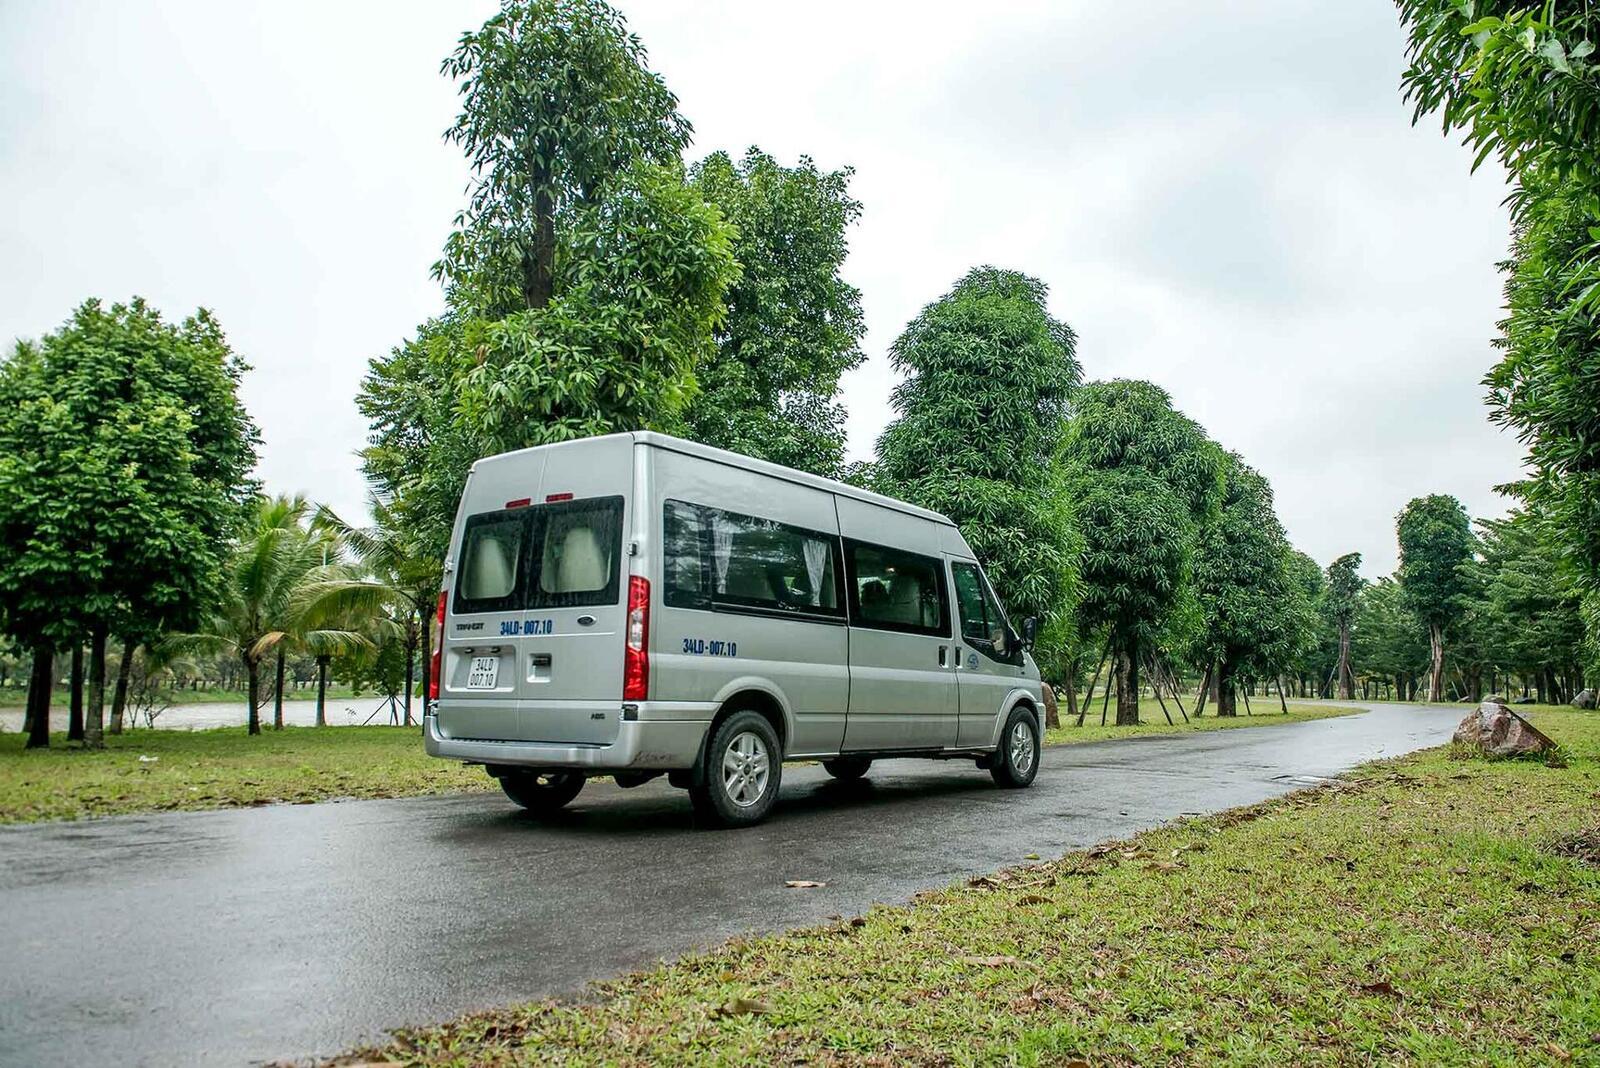 Ưu điểm của Ford Transit mang lại lợi thế cho doanh nghiệp vận tải - Hình 4